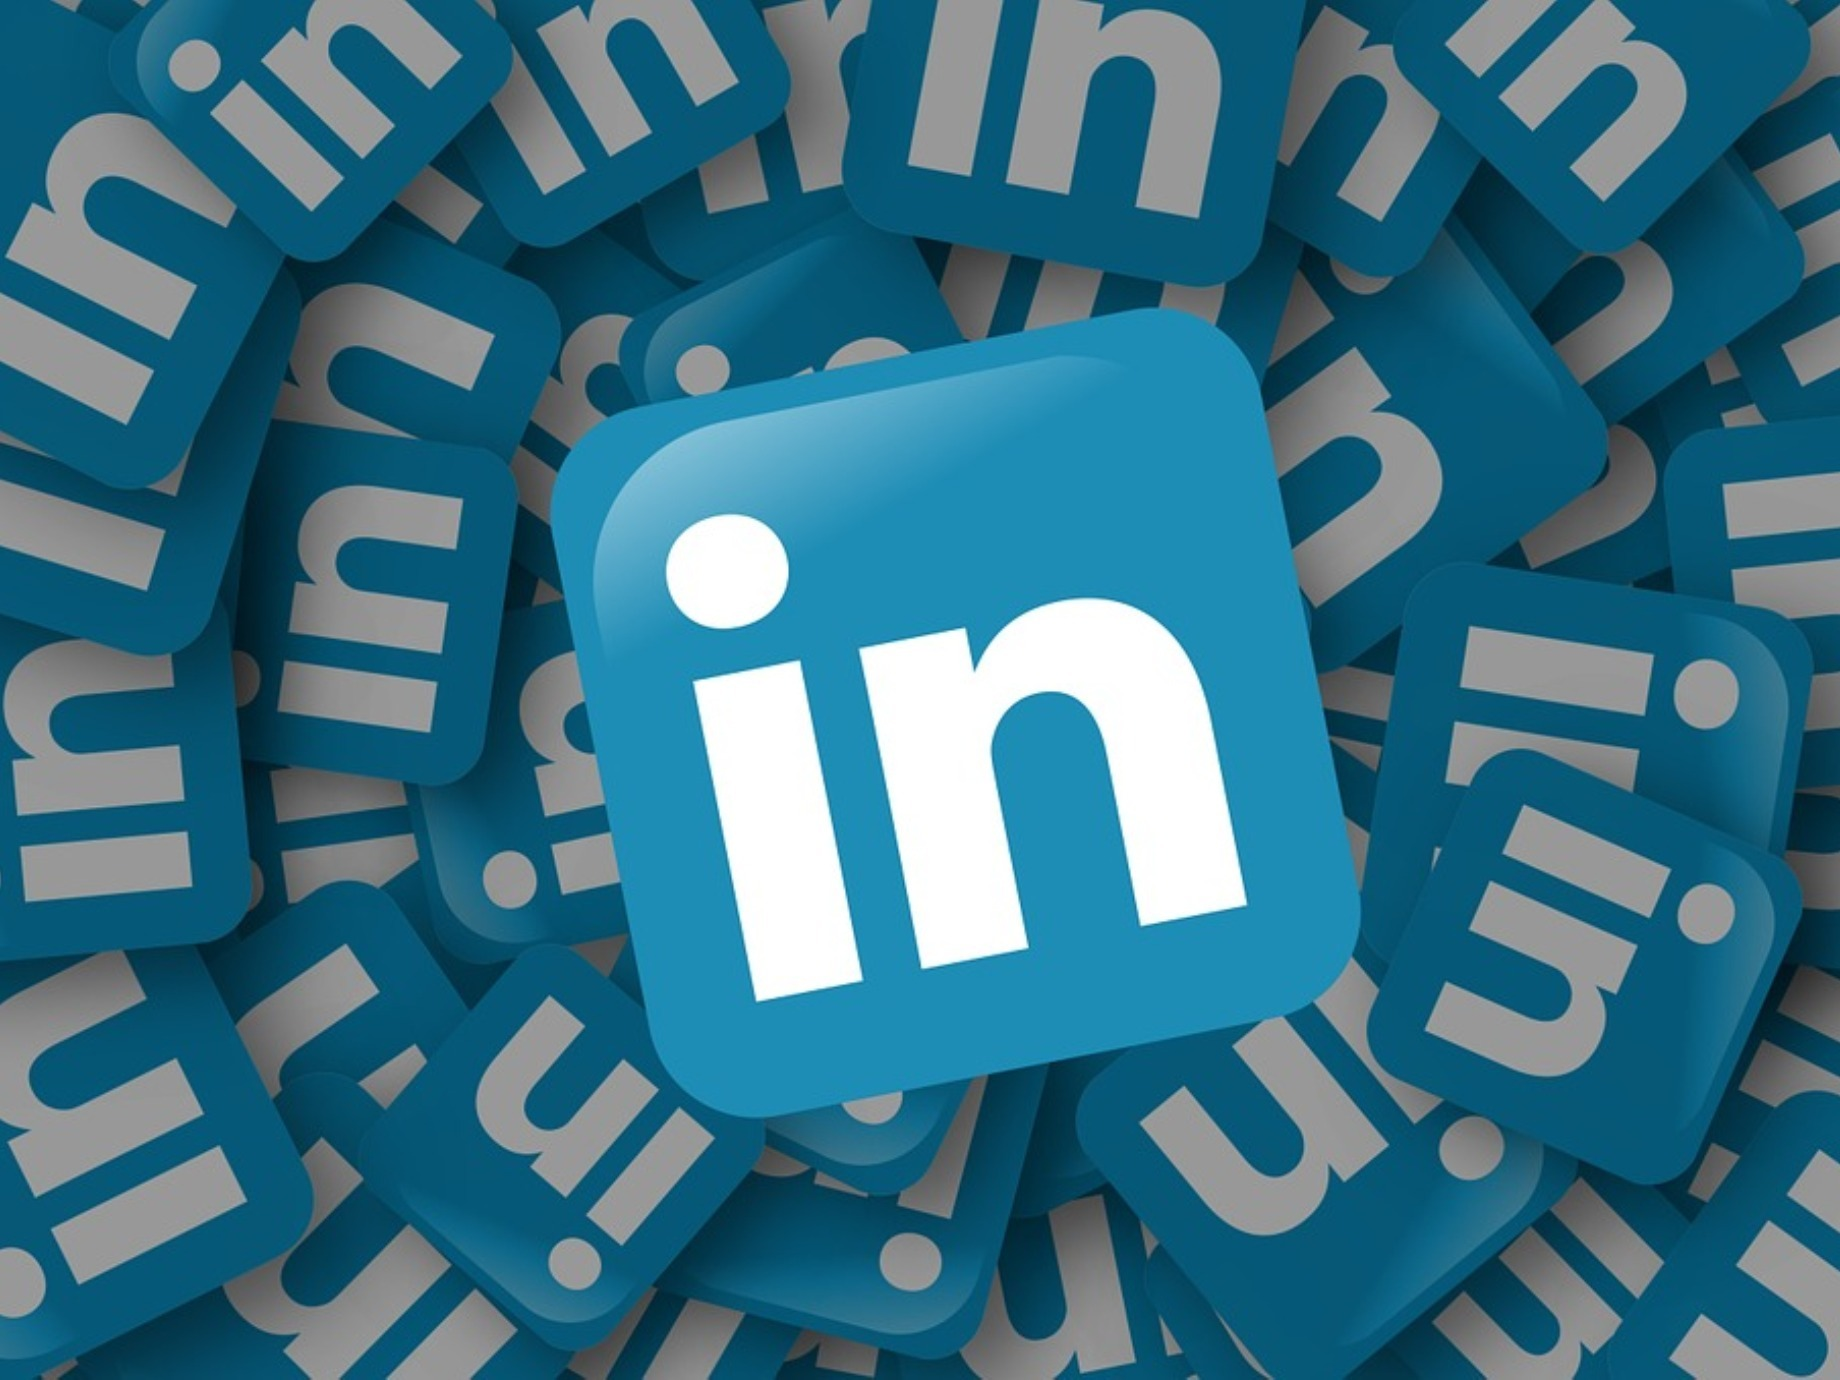 精準創造高轉換率!不只找工作,LinkedIn還是海外B2B行銷利器